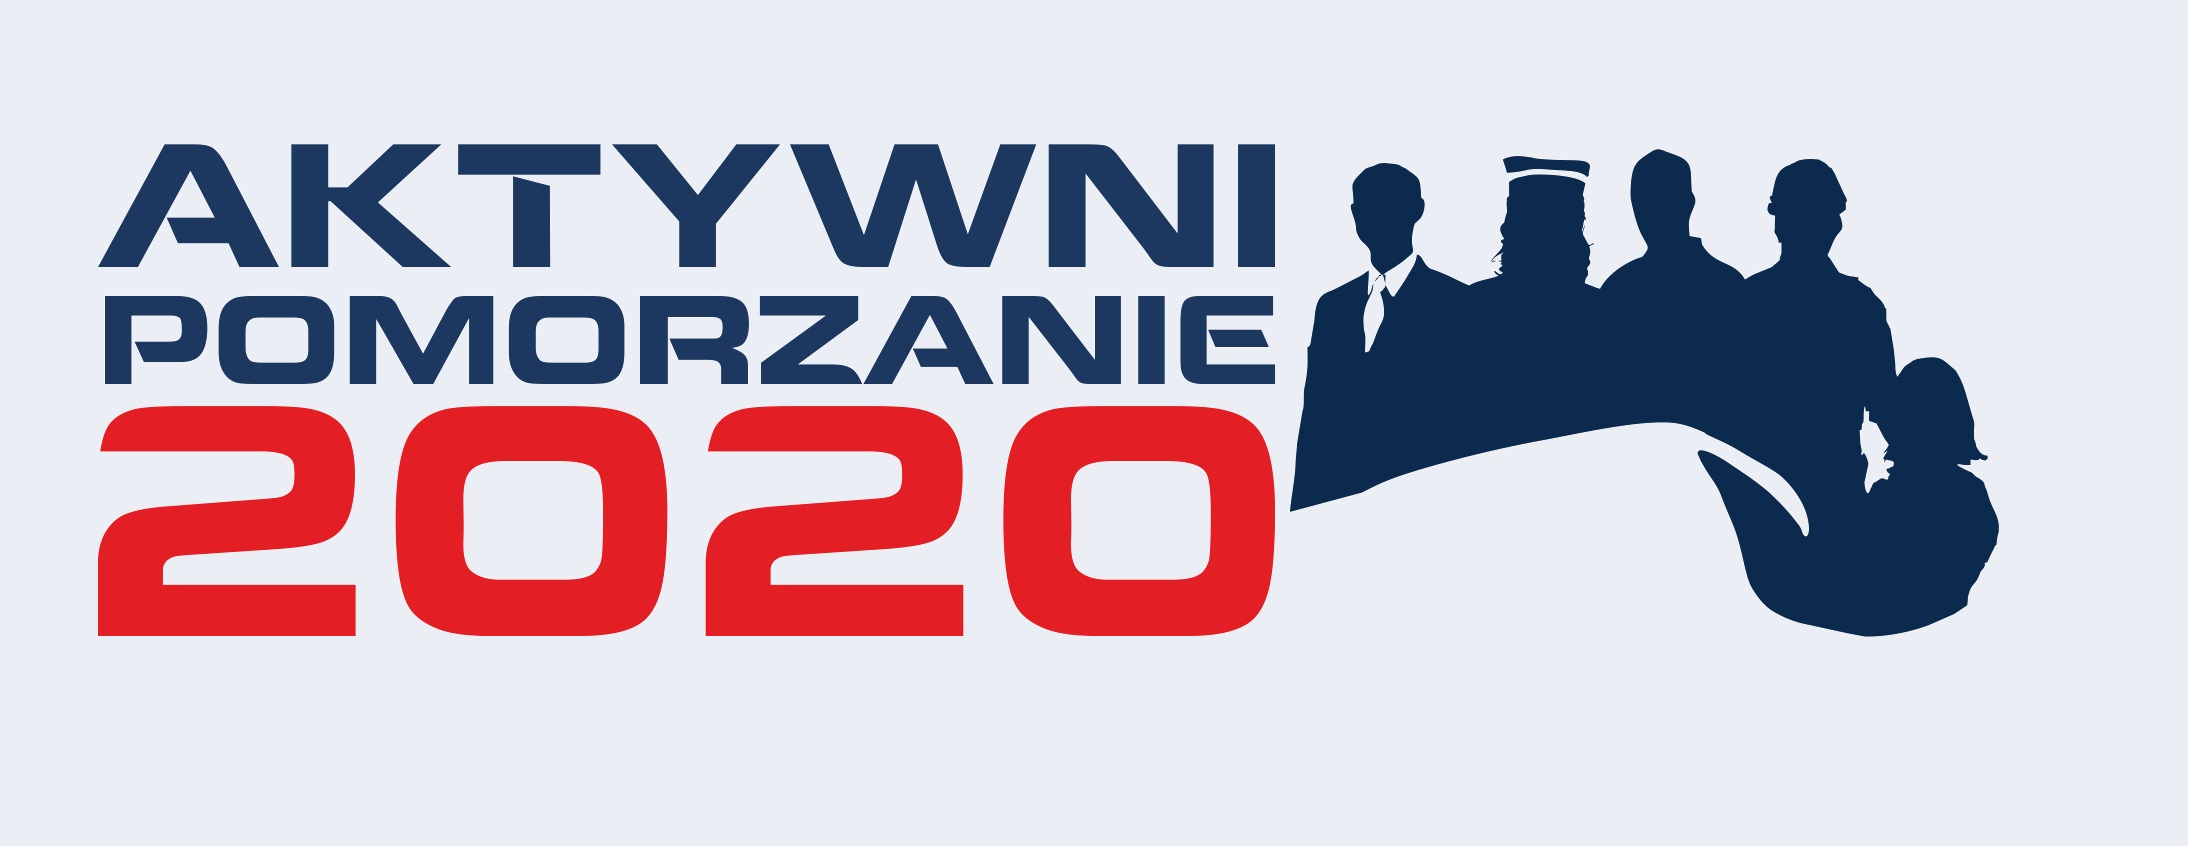 ZWP przyjął aktulizację RPS Aktywni Pomorzanie